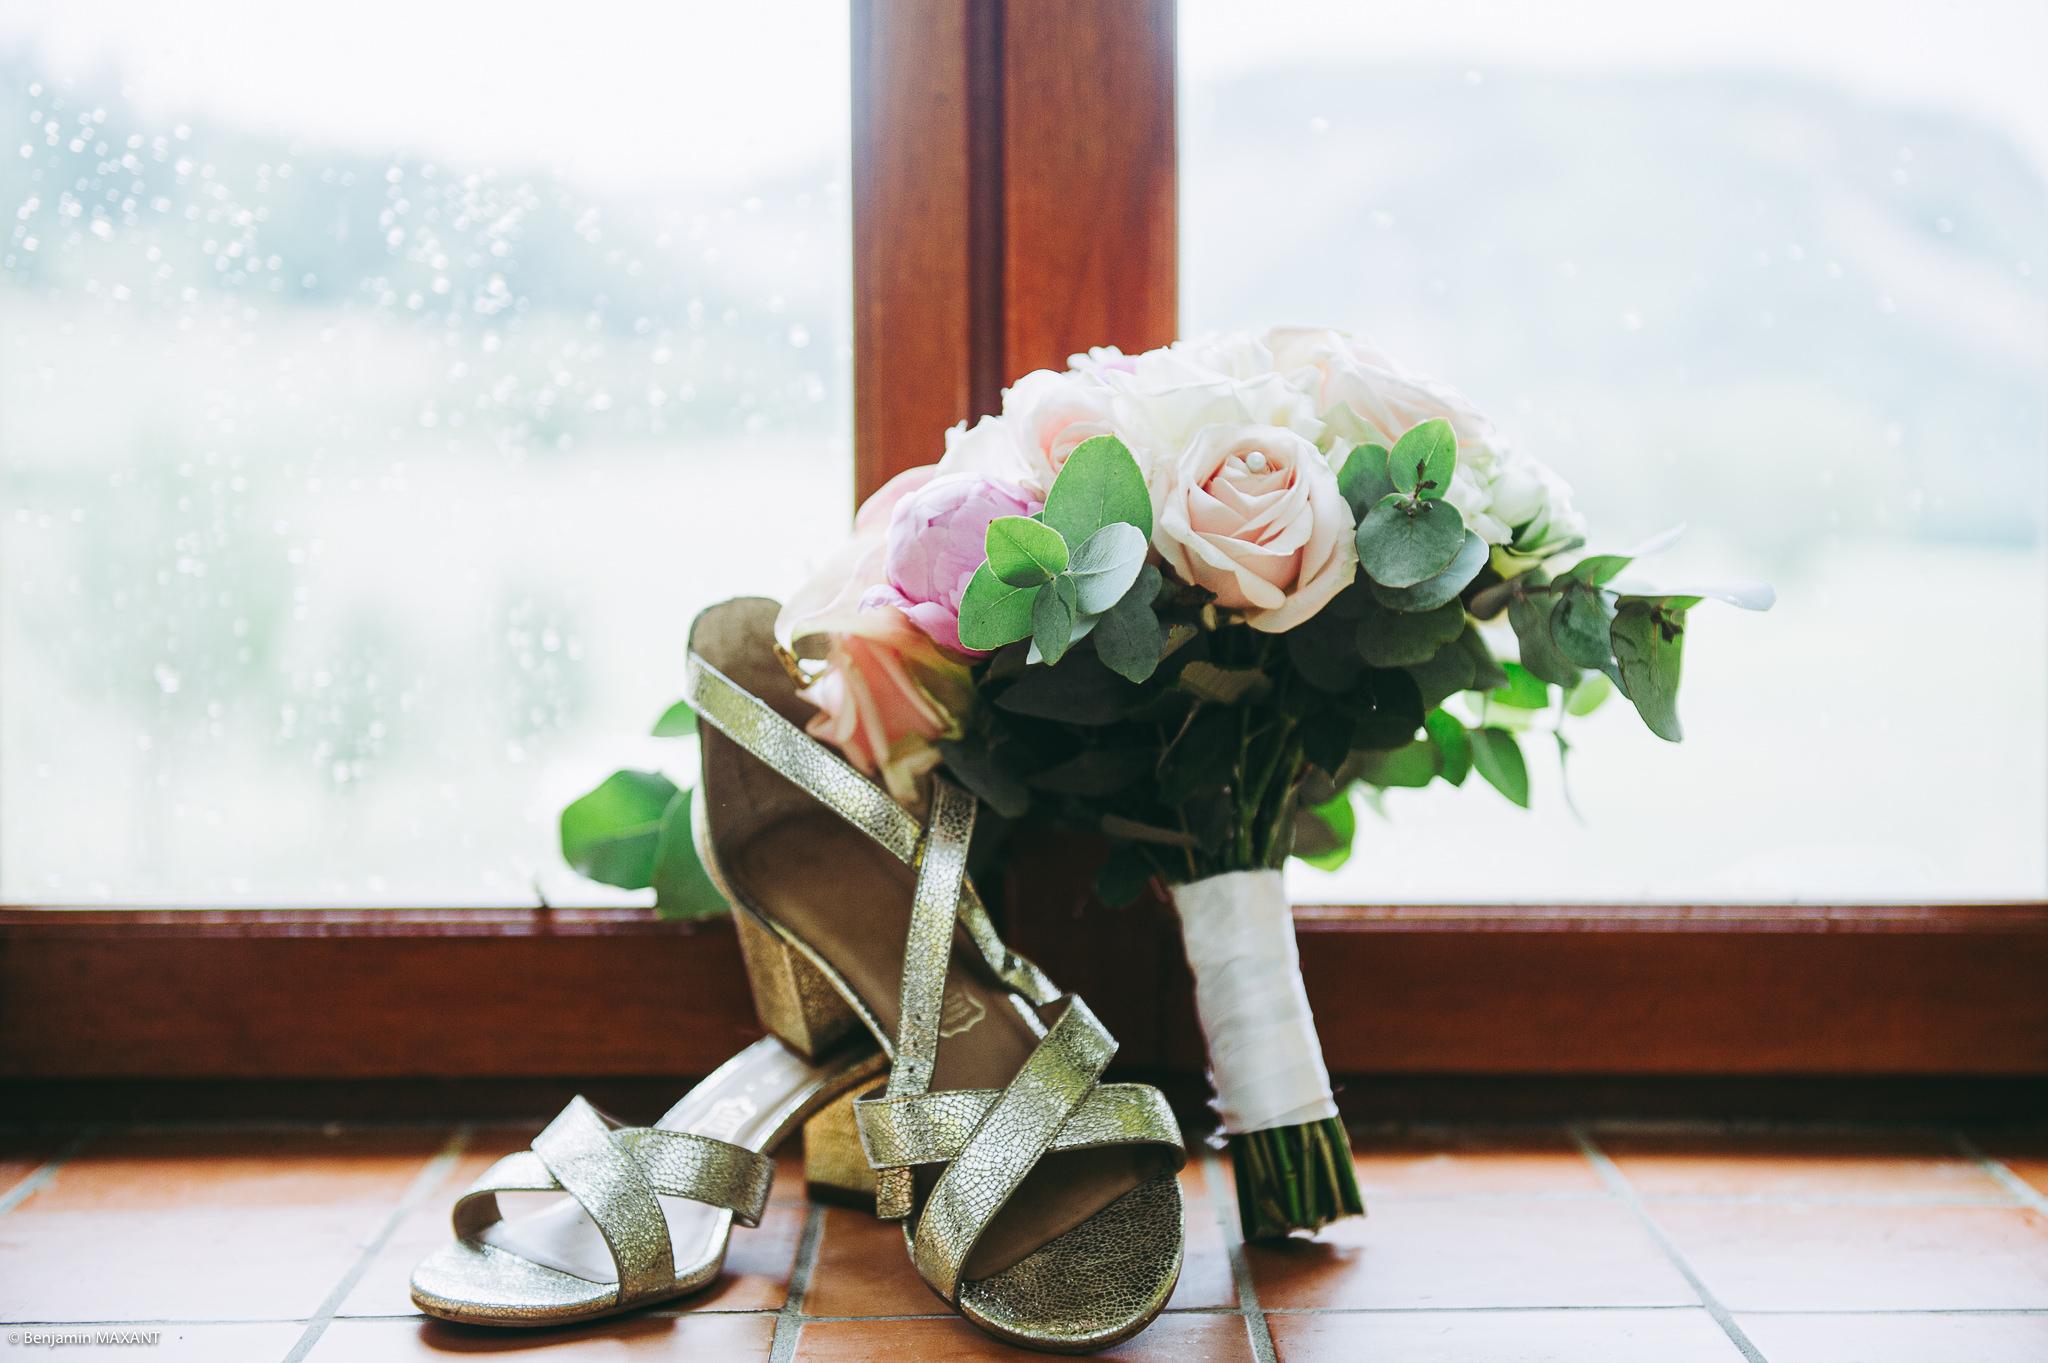 Le bouquet et les chaussure de la mariée posés devant une fenêtre